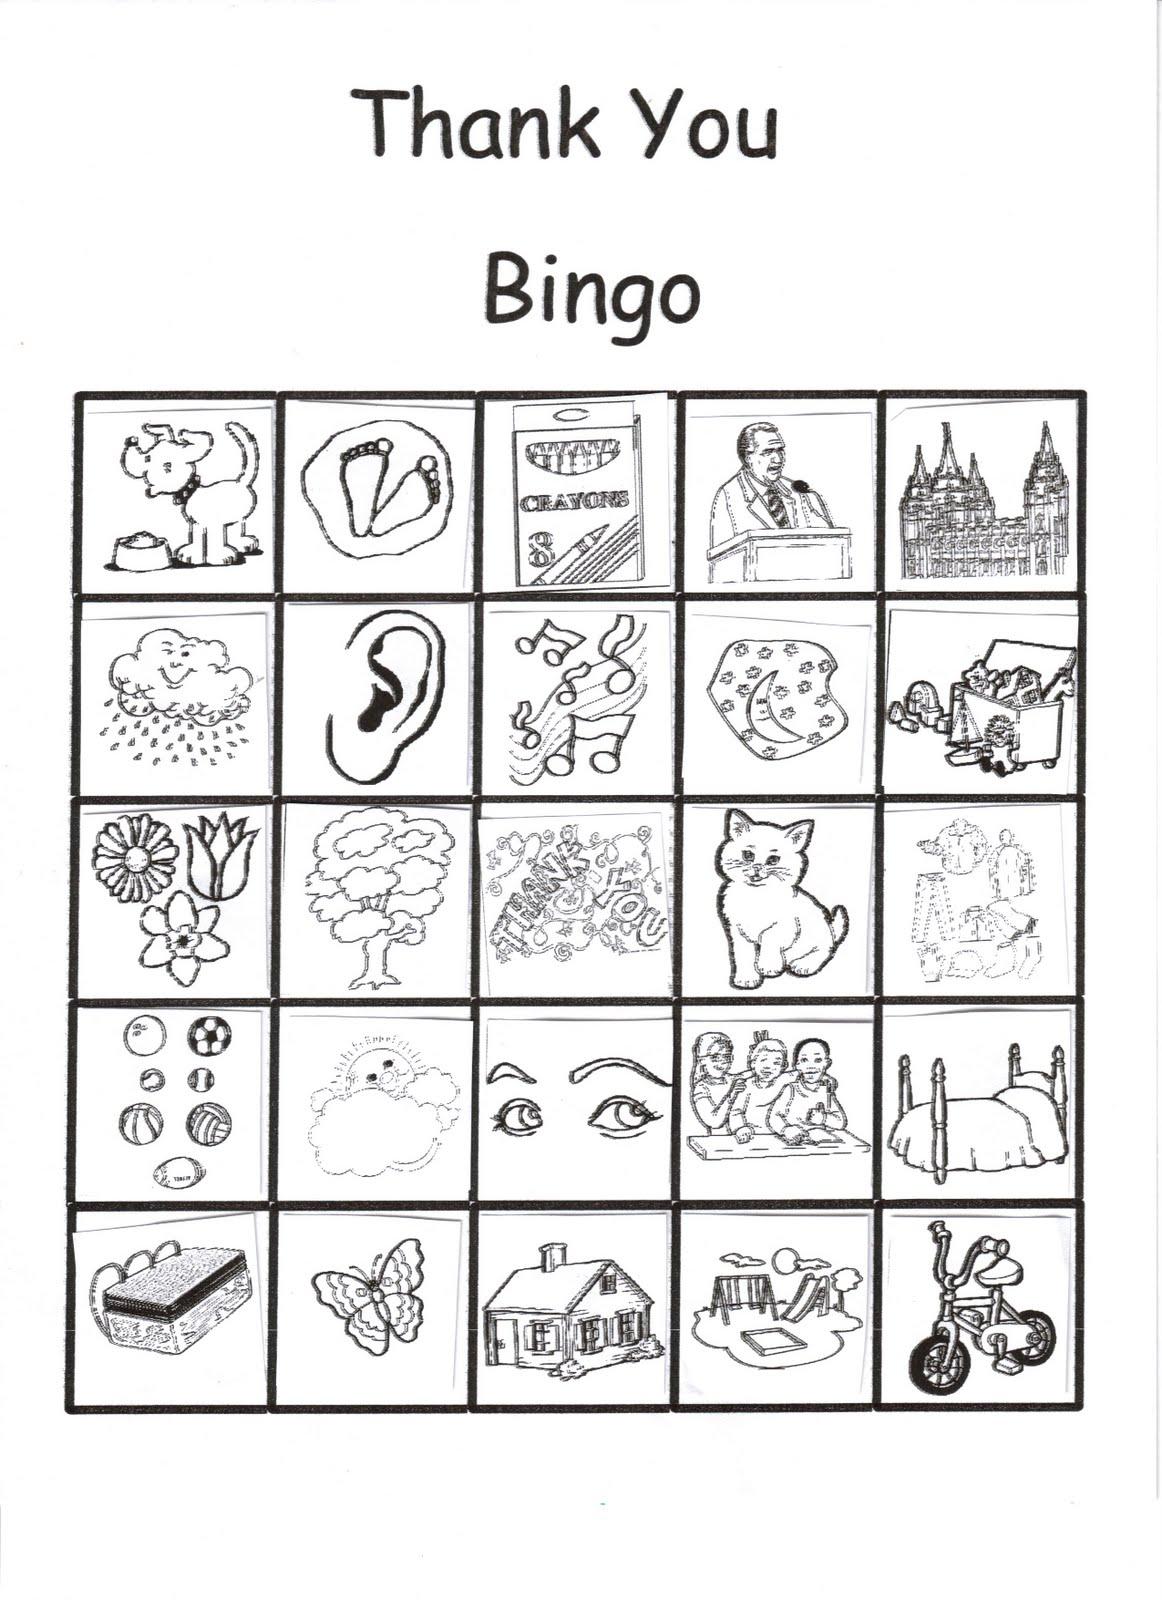 RobbyGurl's Creations: Thank You Bingo